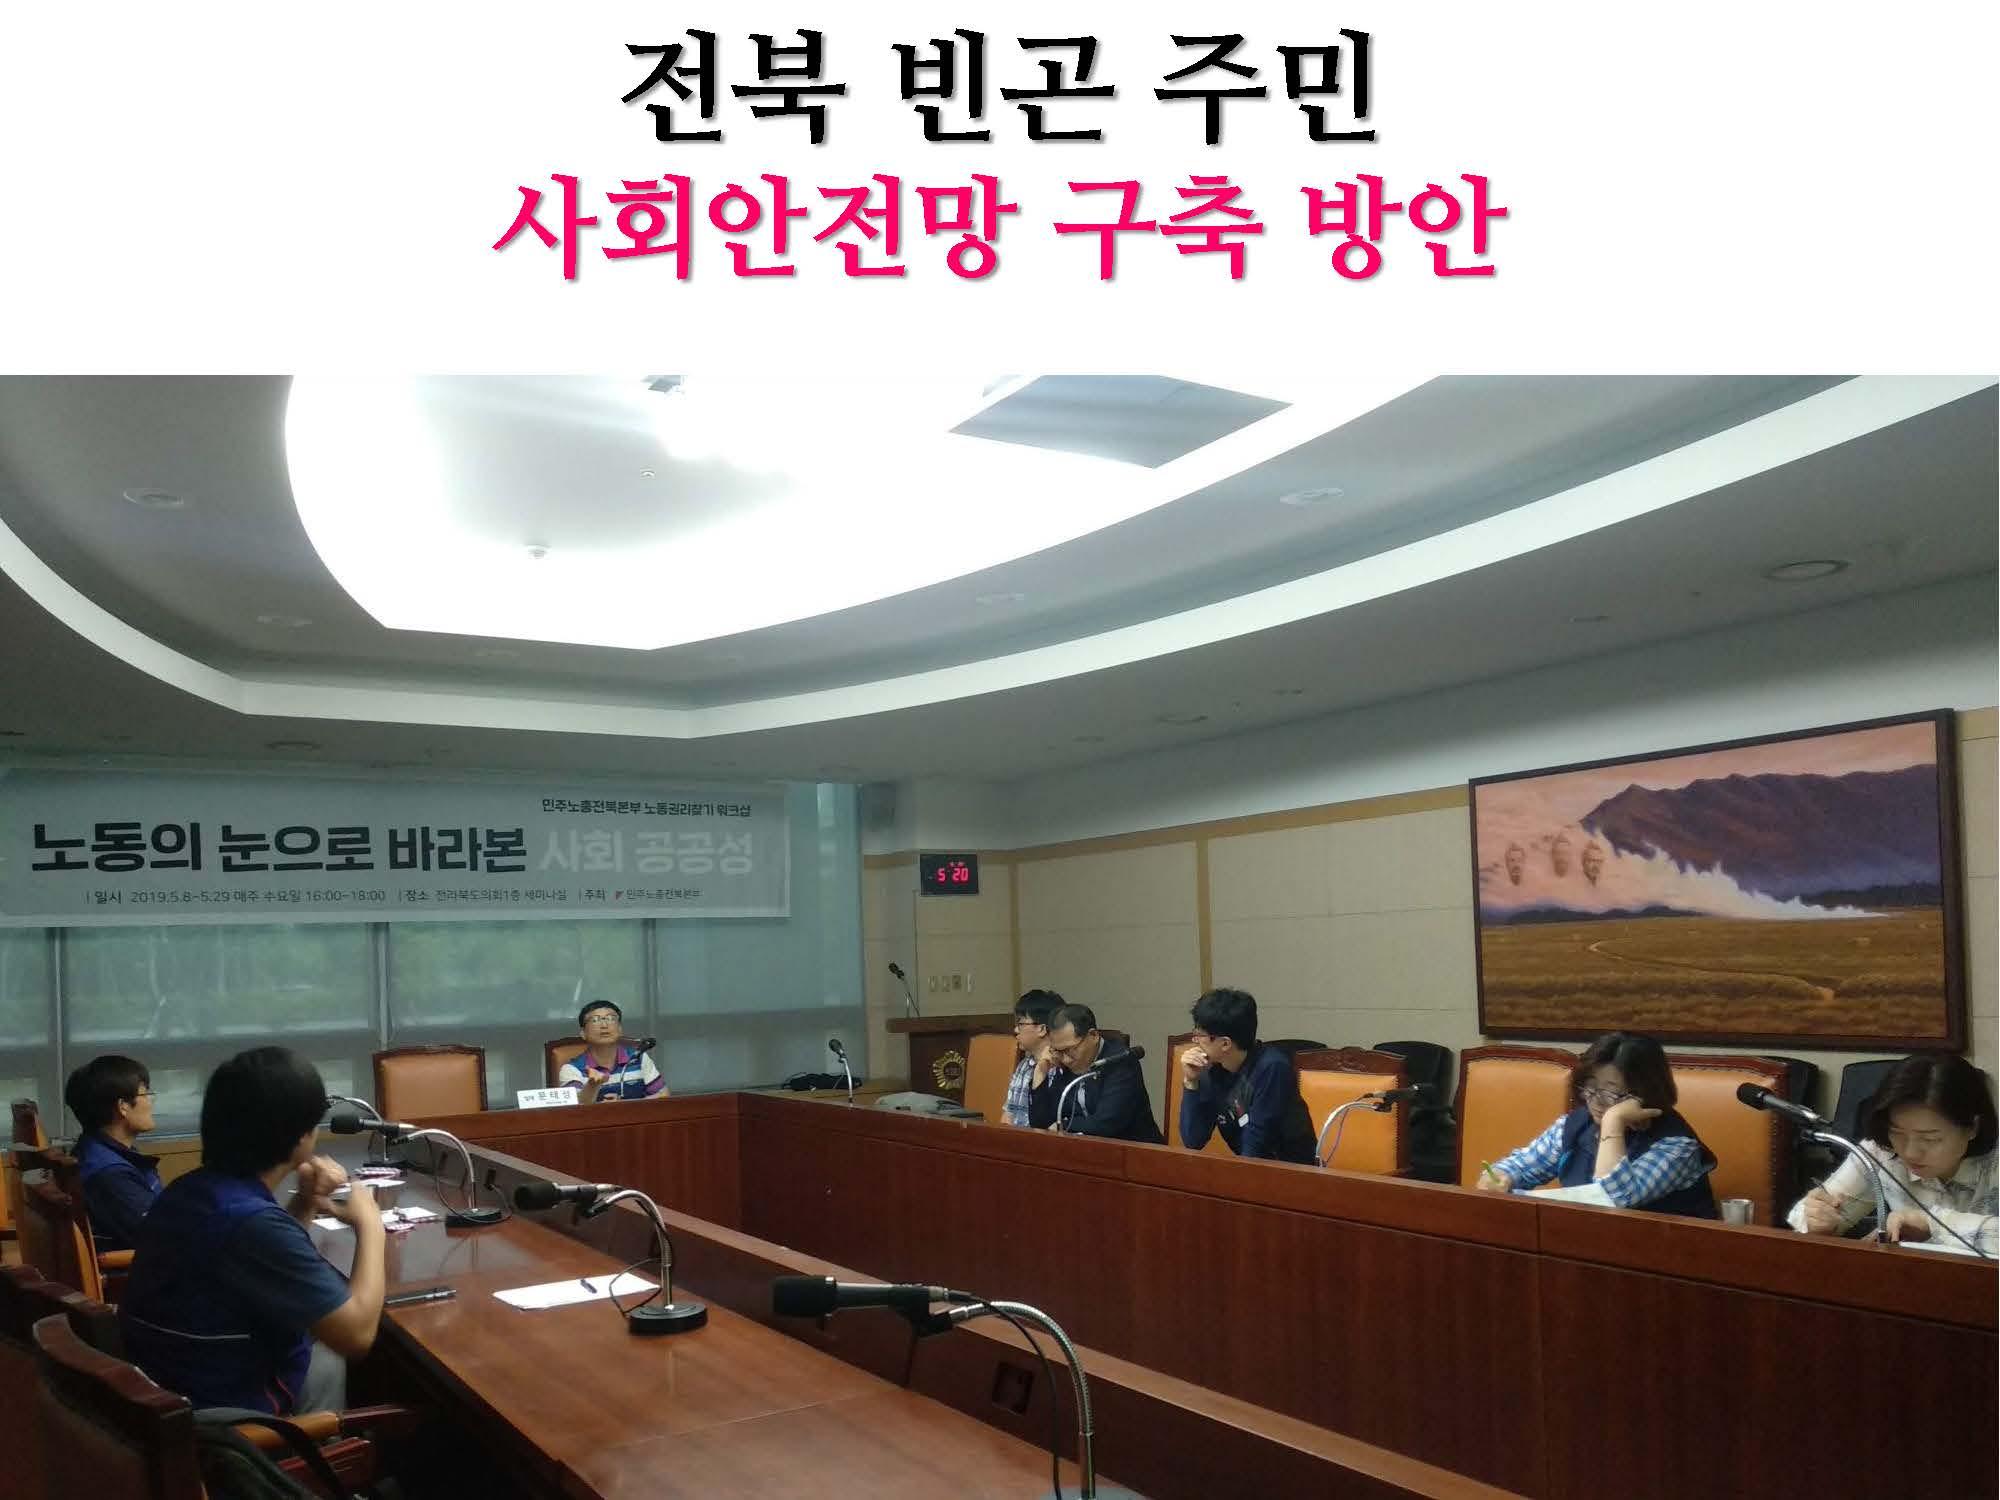 2019년 평화주민사랑방 활동 및 결산보고(PDF)_페이지_54.jpg